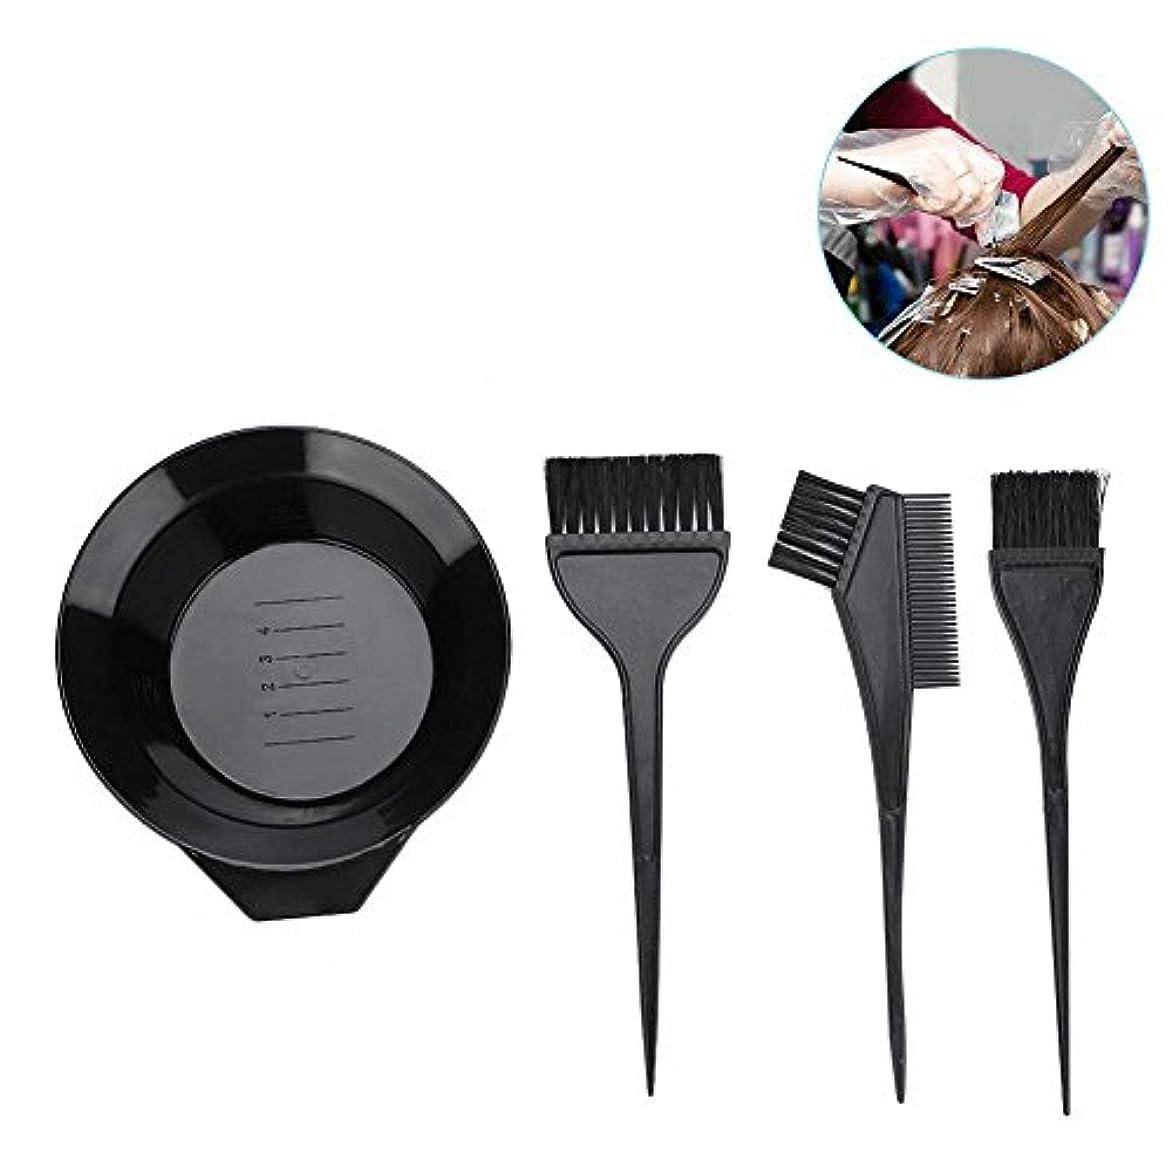 染毛キット、ヘアカラーブラシとボウルセット4ピースプロフェッショナルヘアサロン染色パーマ色合い漂白剤ツール